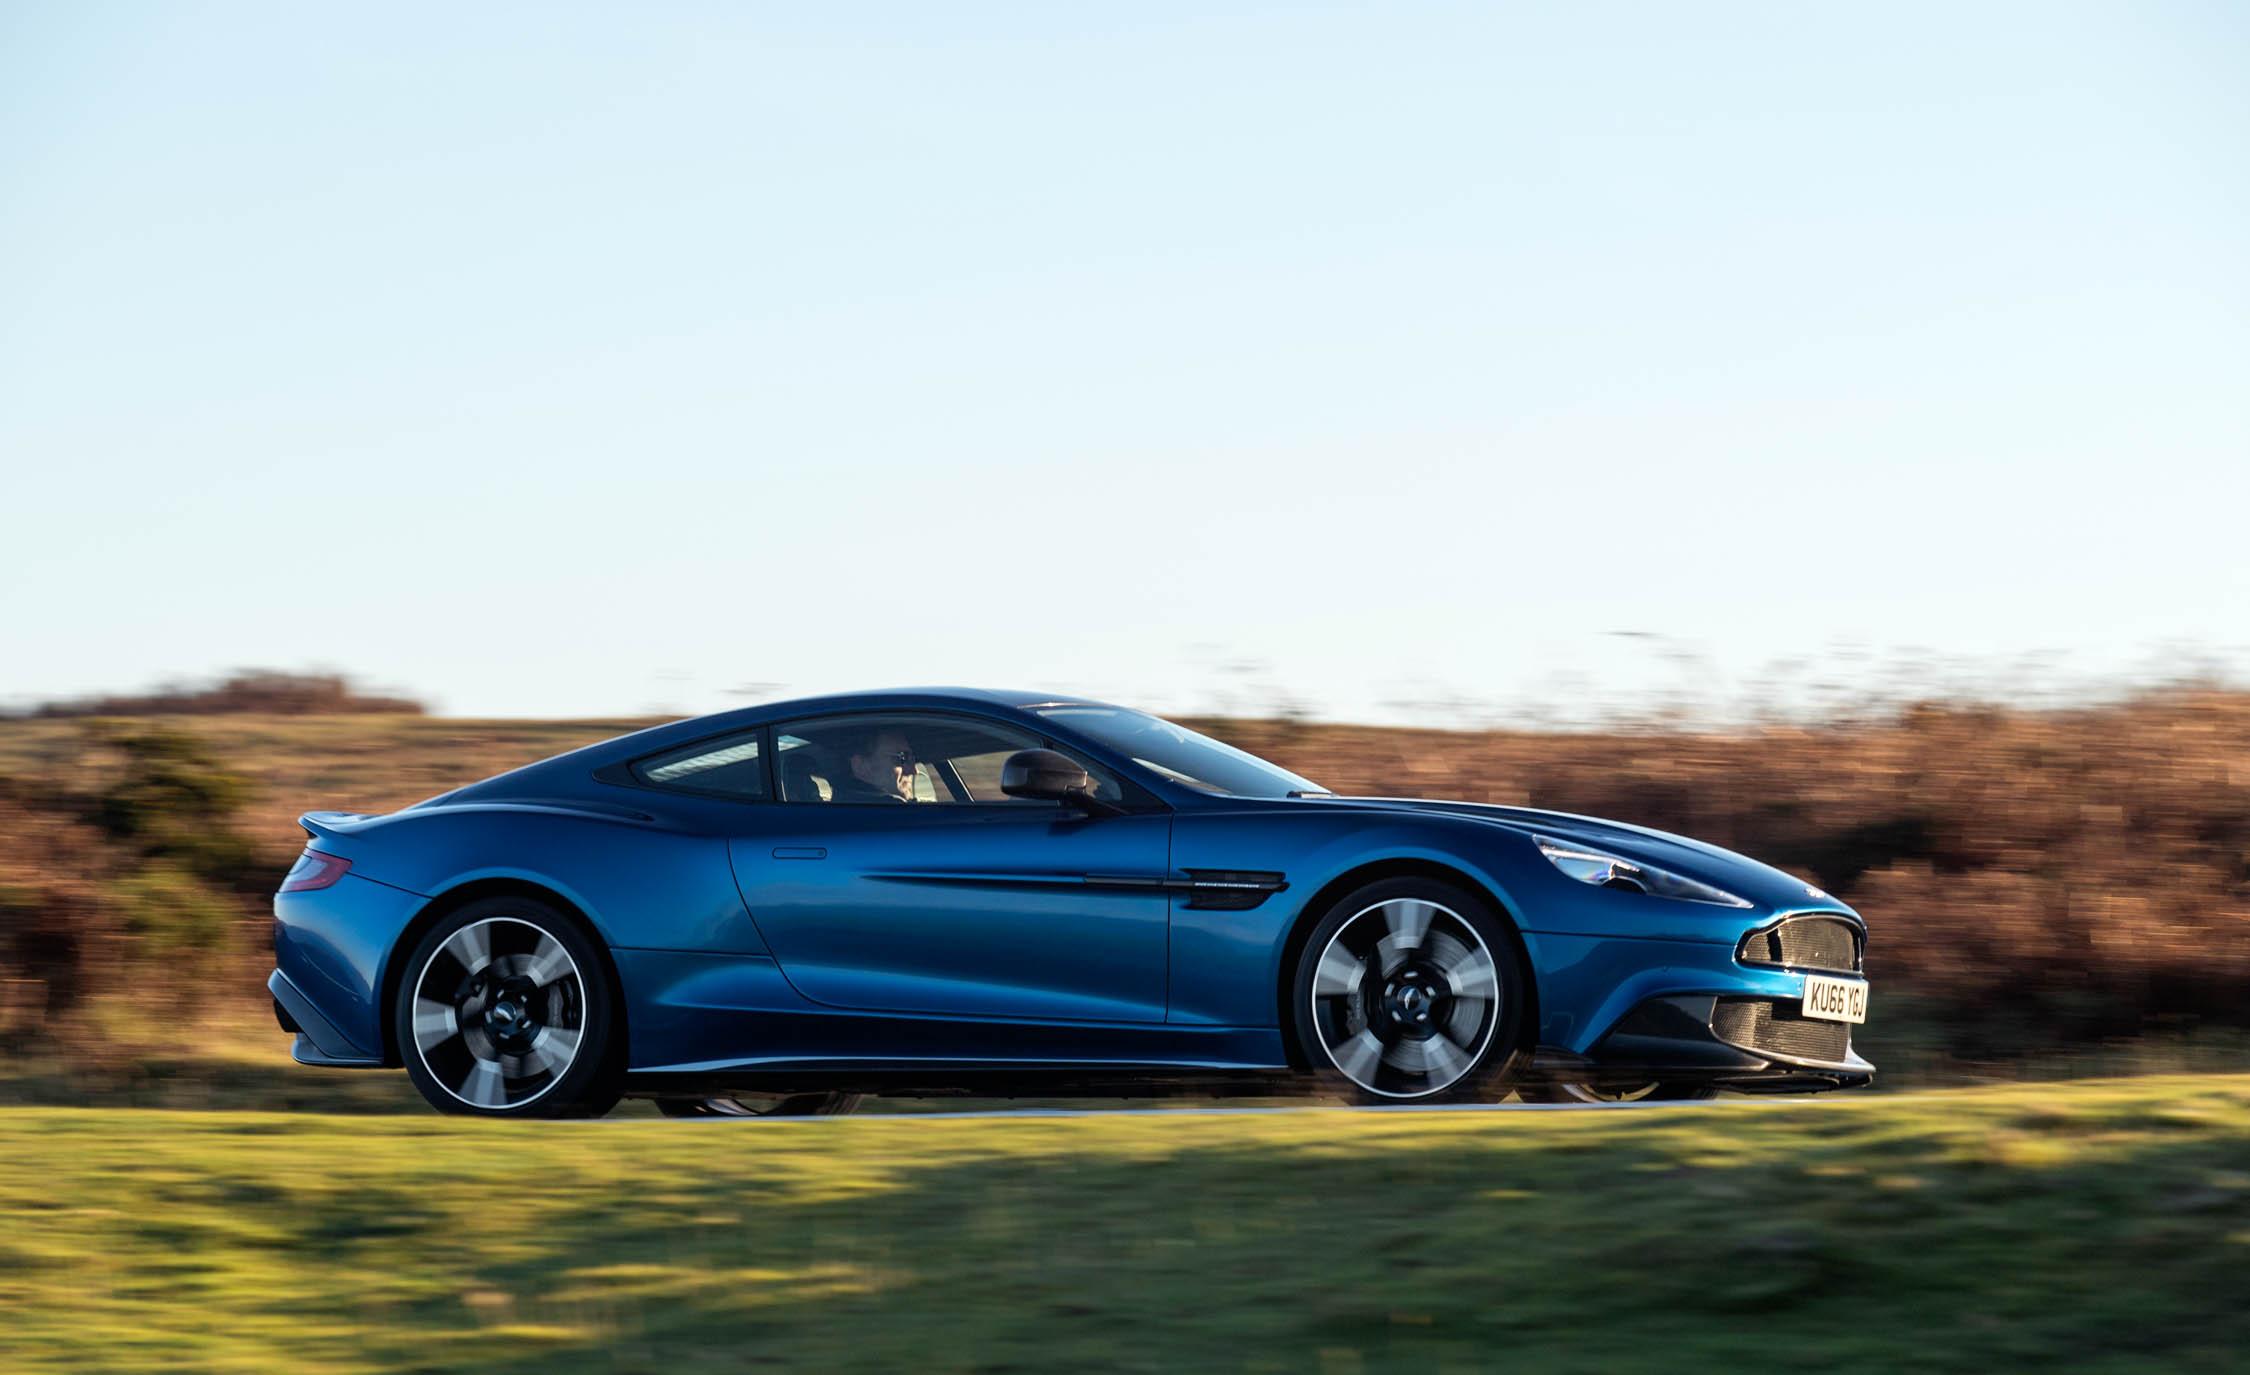 2017 Aston Martin Vanquish S (View 27 of 30)